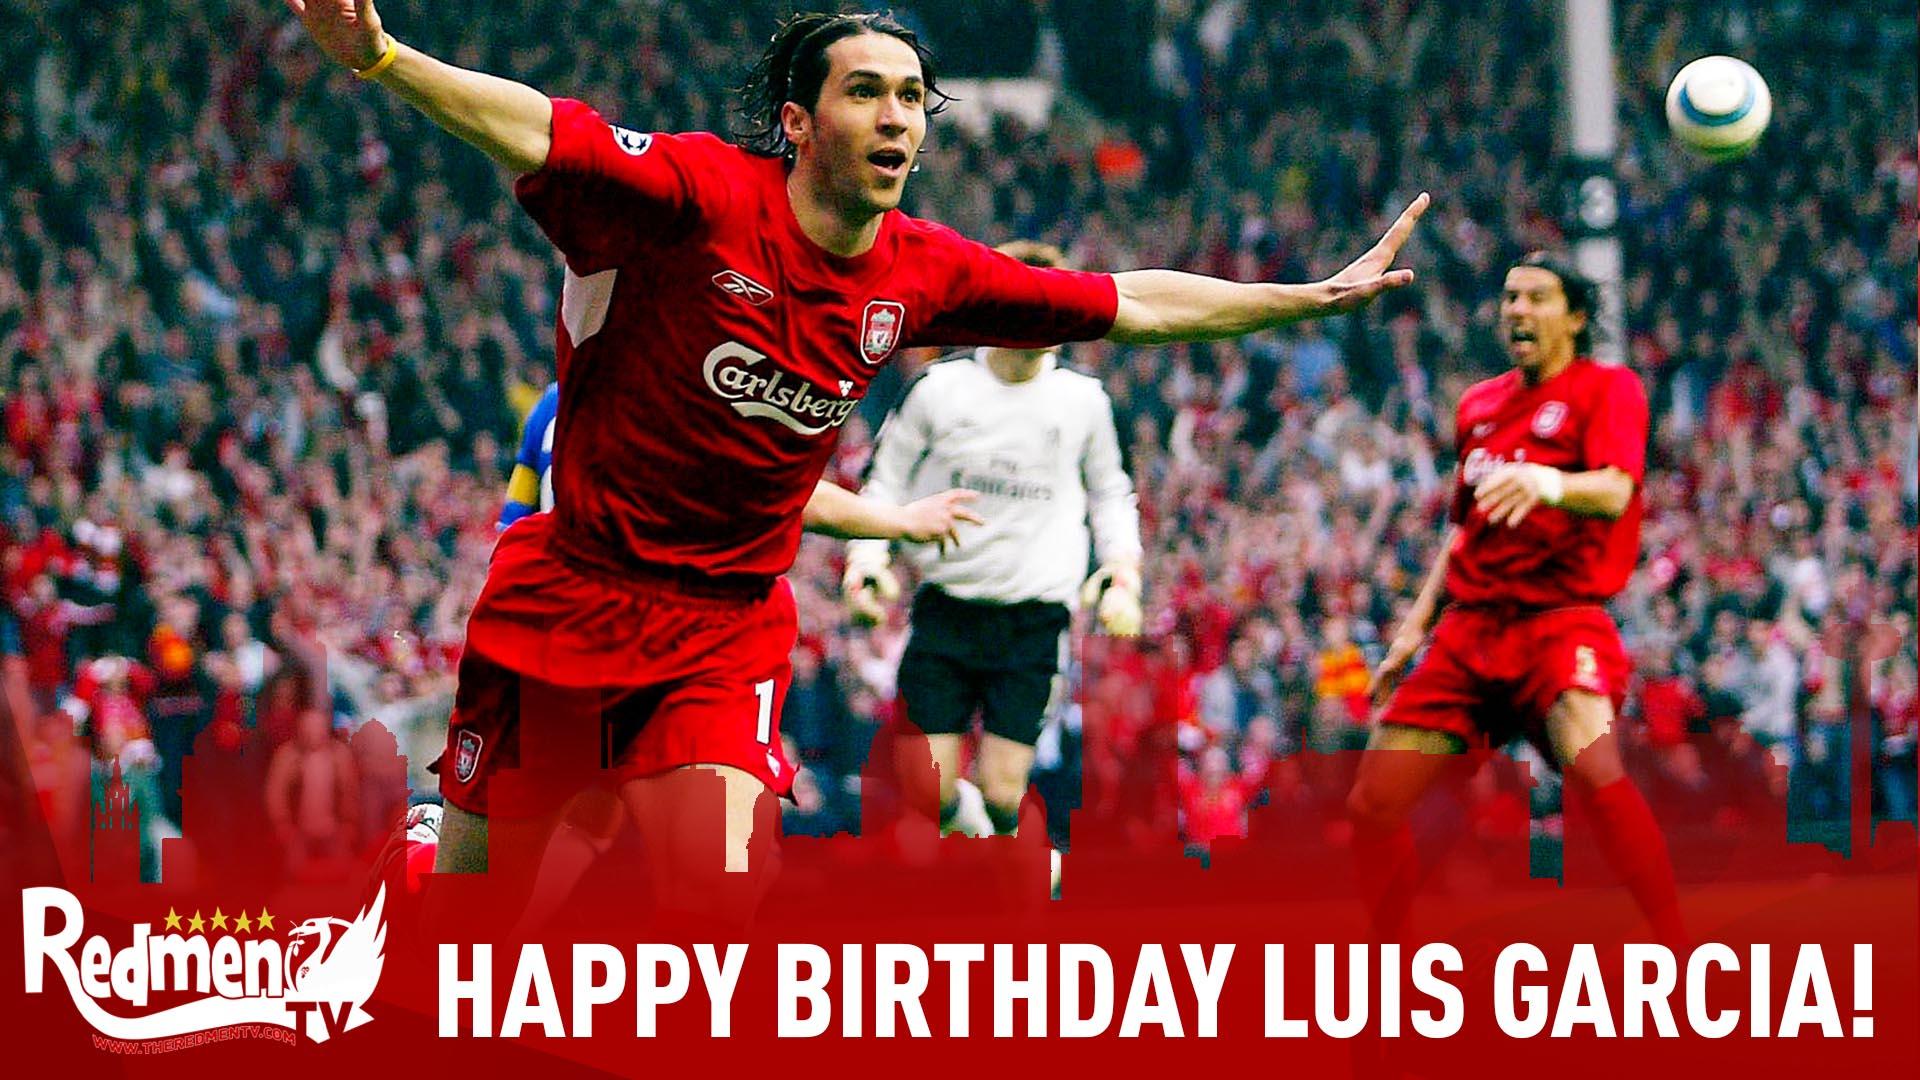 Happy Birthday Luis Garcia!